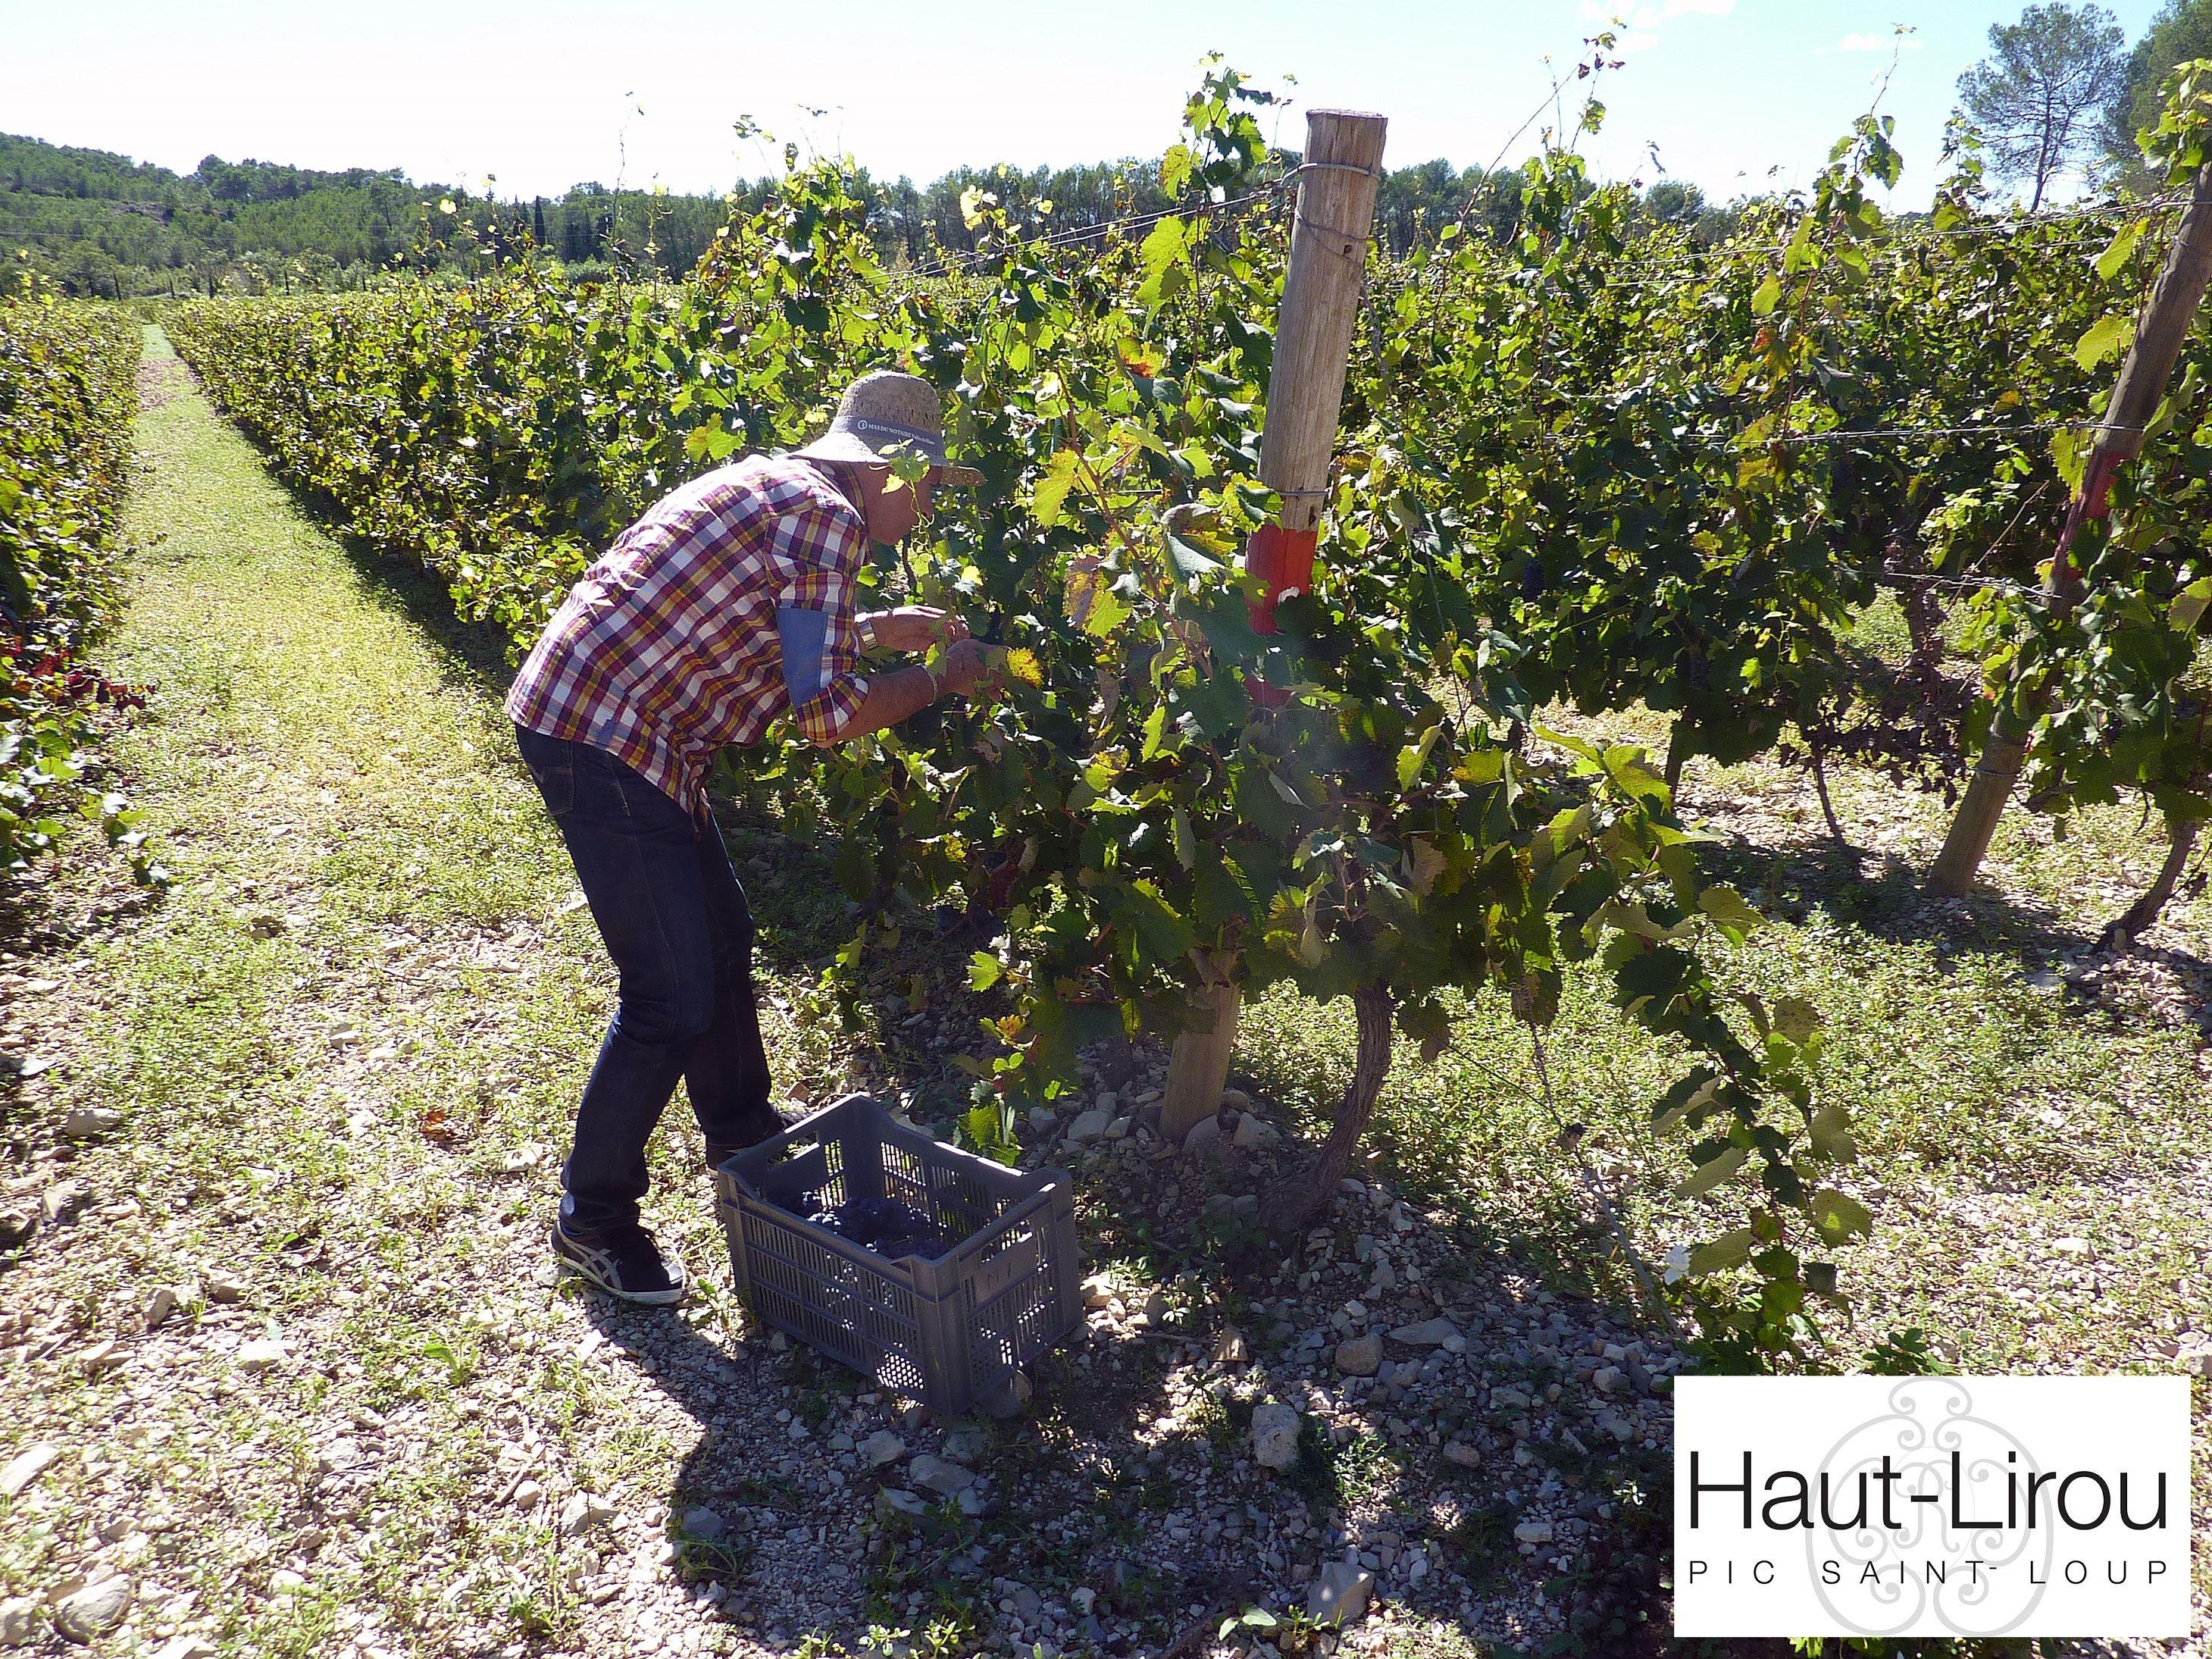 Vendanges en Pic Saint-Loup ! - Domaine Haut-Lirou